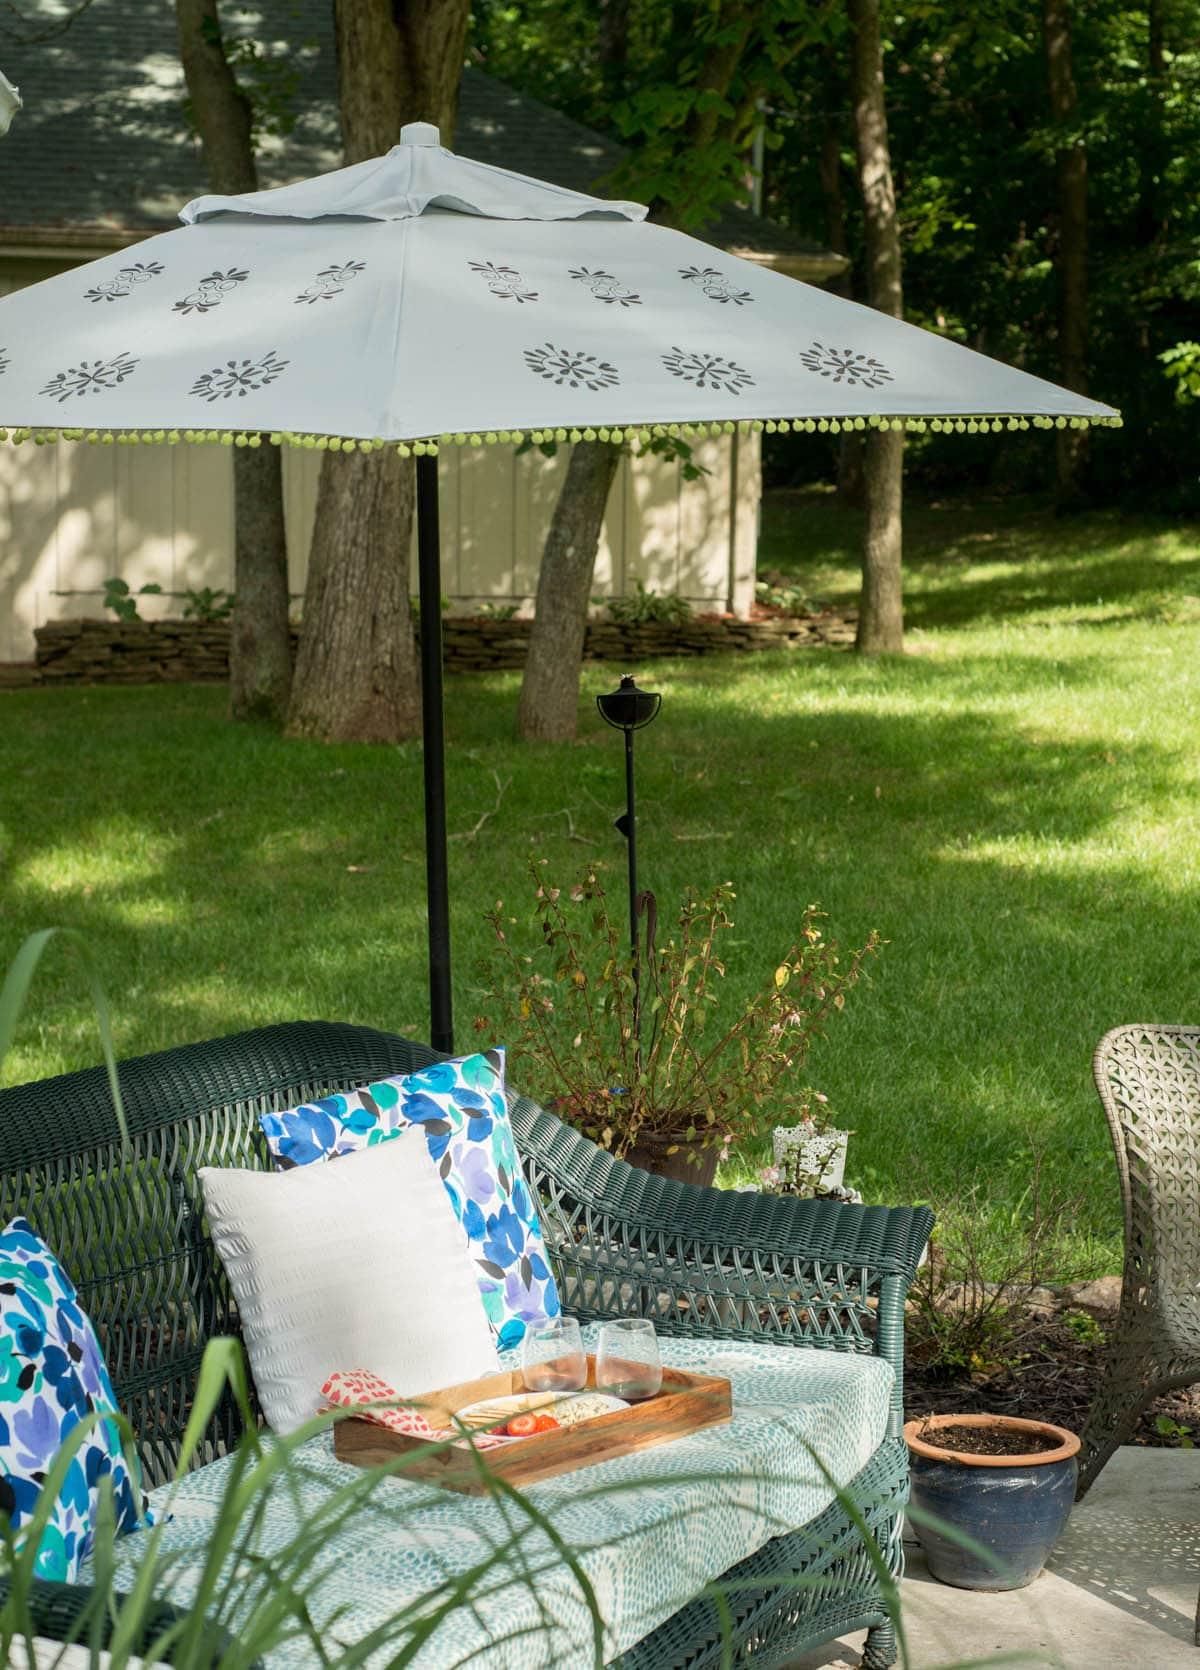 Patio Umbrella Repair and Refresh